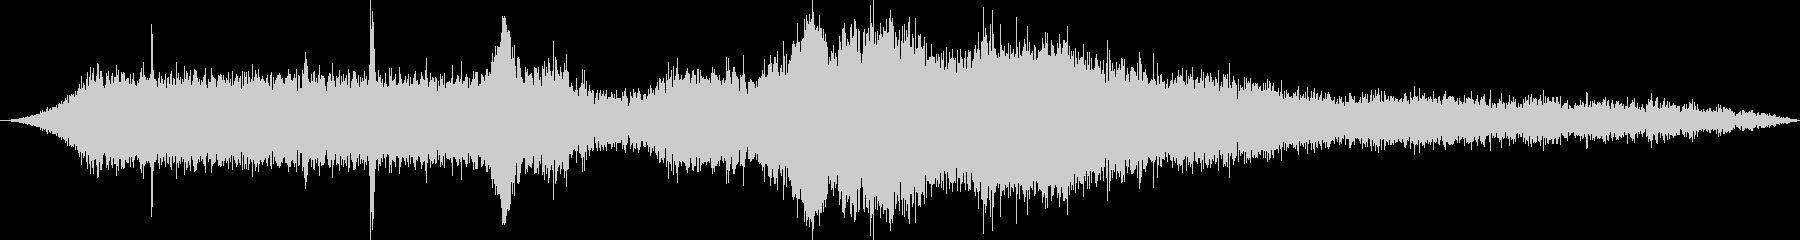 ラージアーススクレーパー:Ext:...の未再生の波形